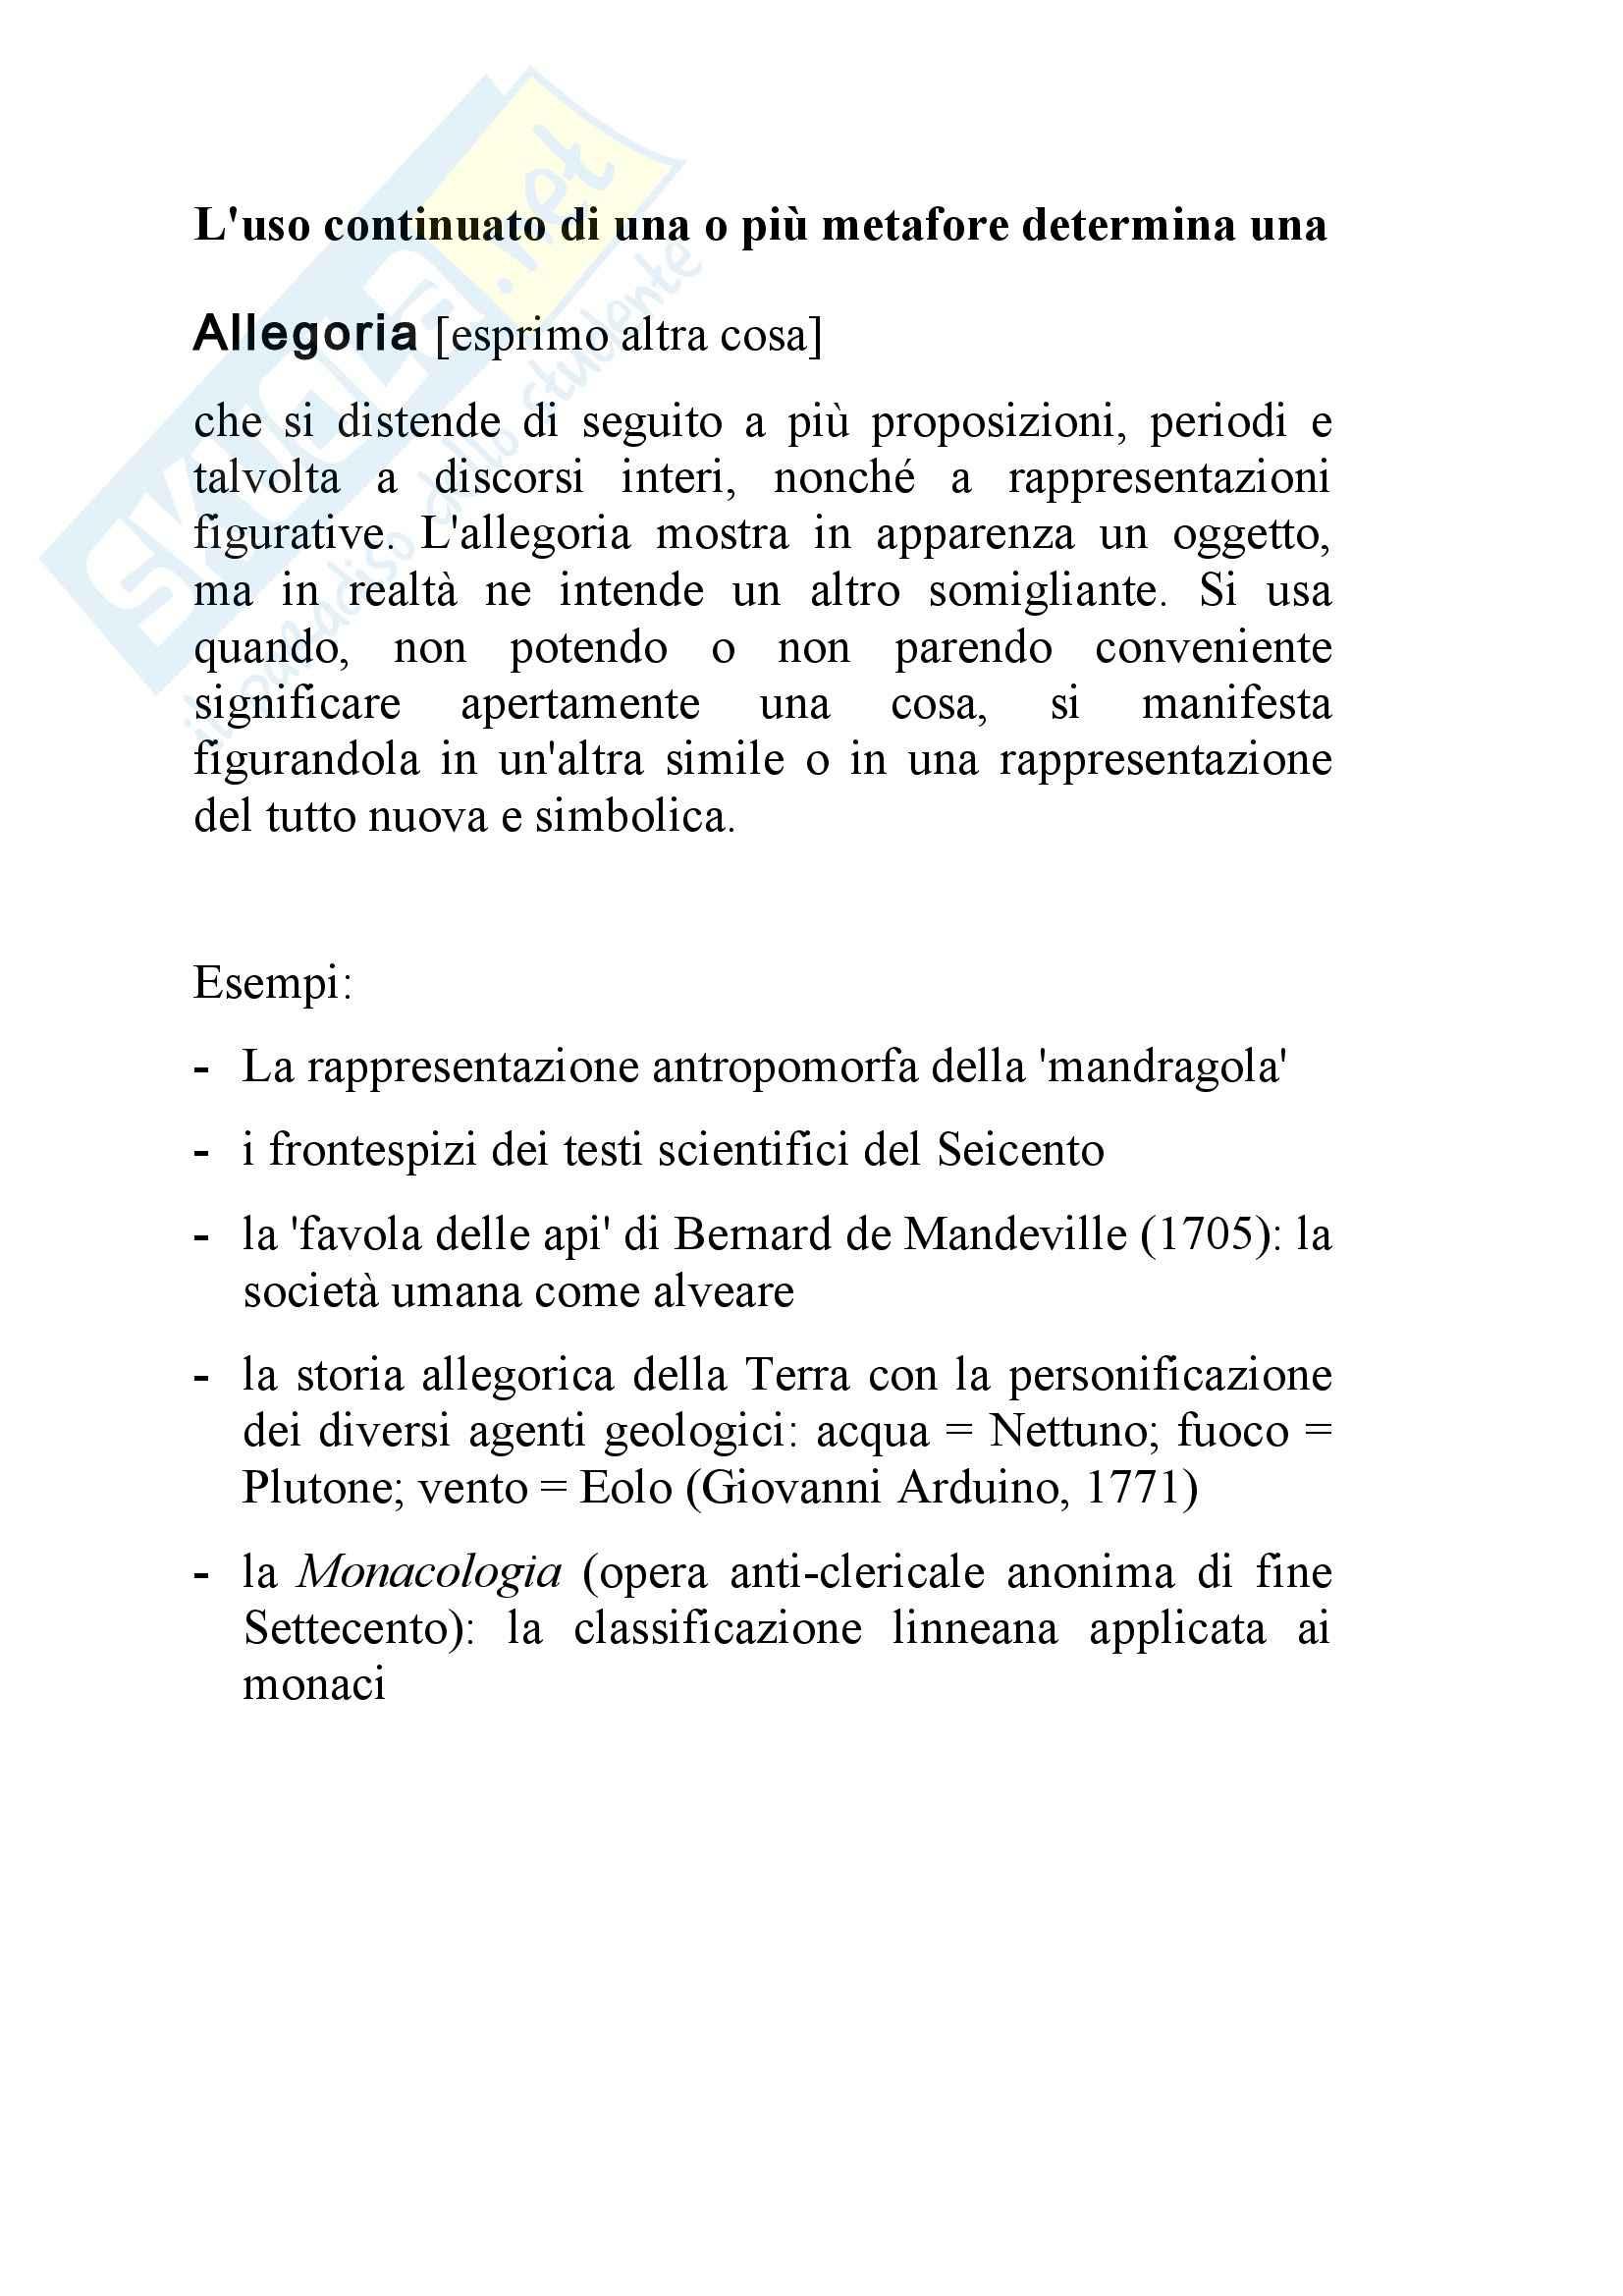 semiotica - metafora e analogia nella scienza Pag. 6